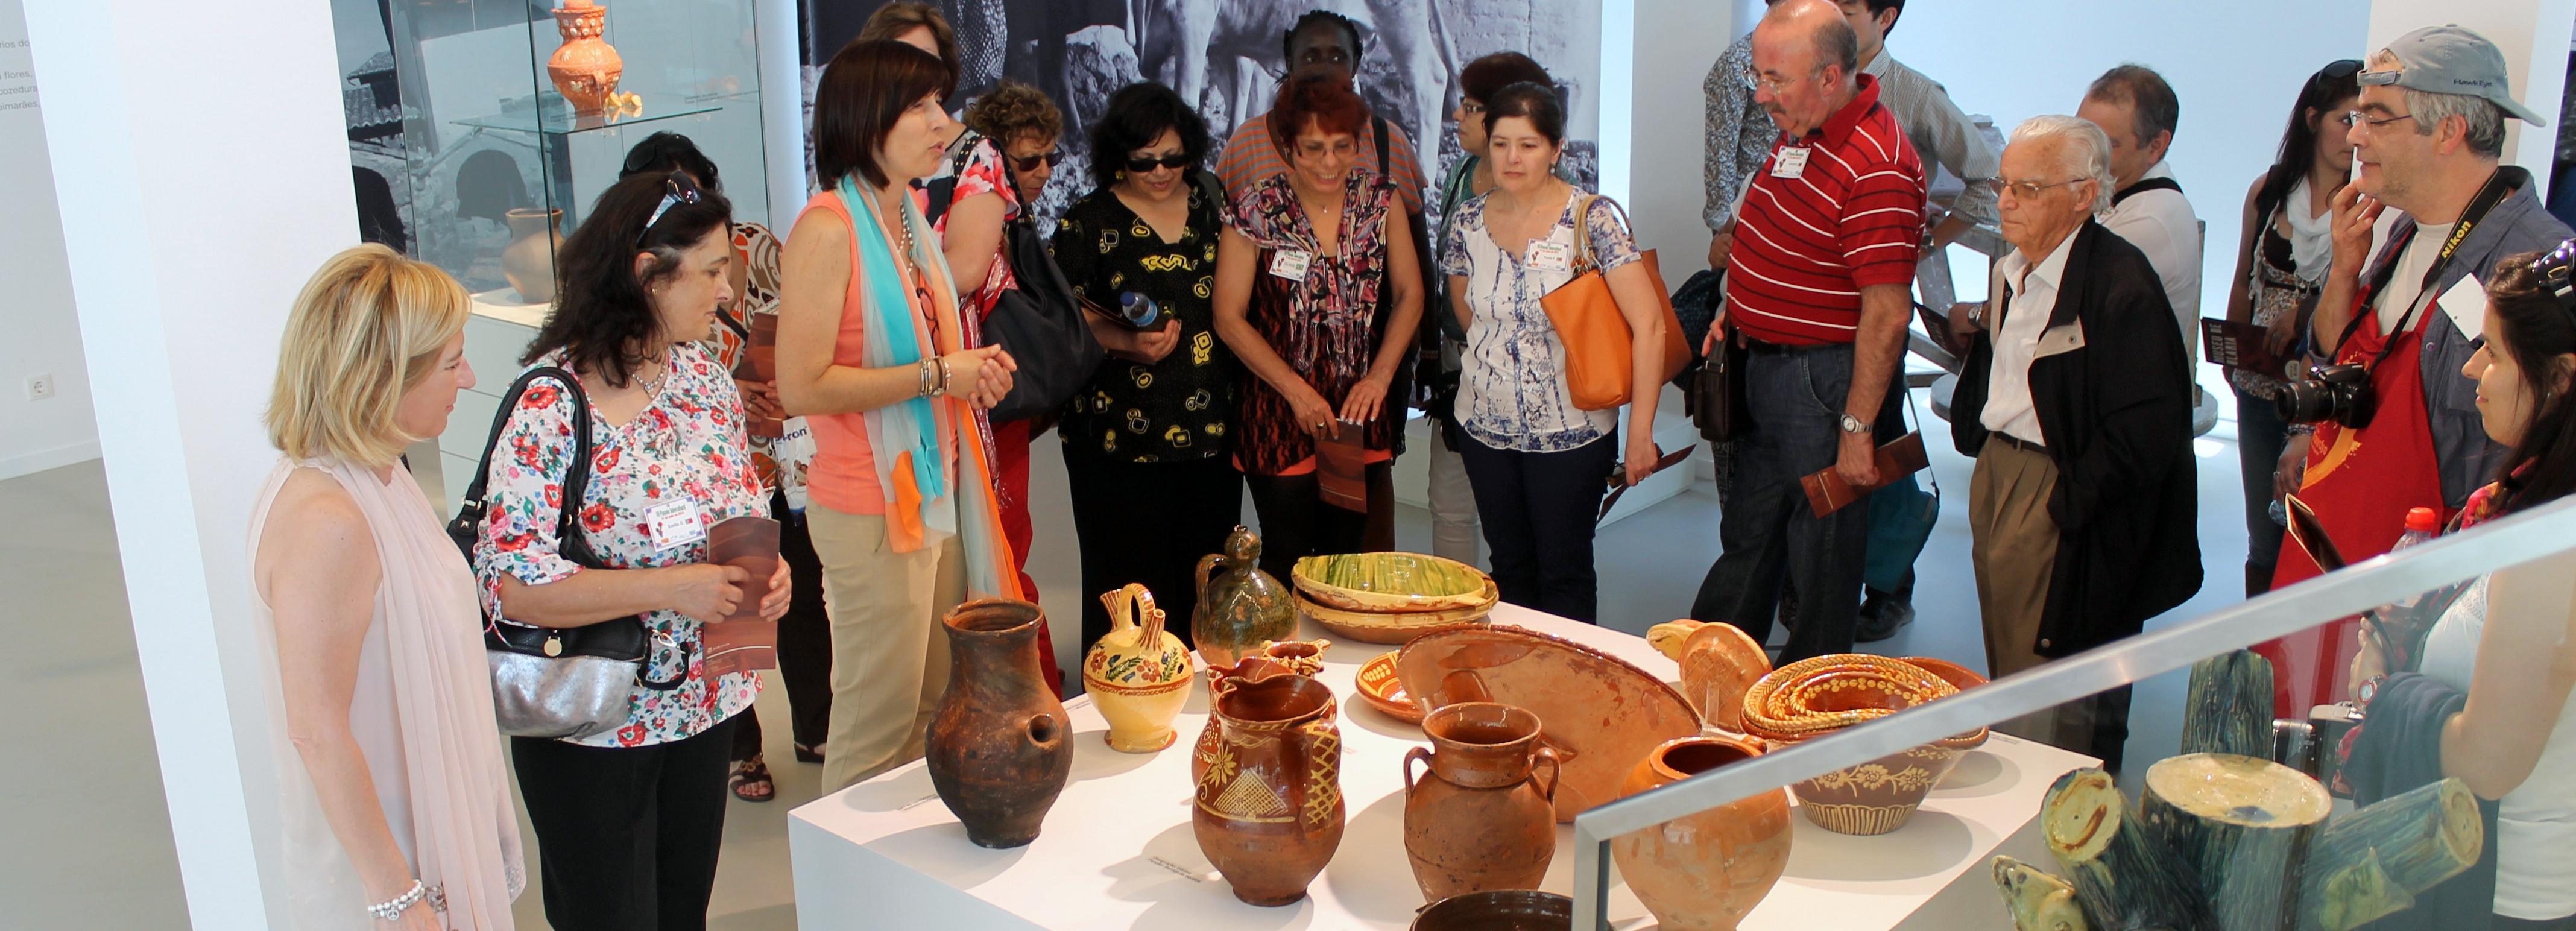 Exposição sobre olaria do norte de Portugal marcou comemorações do Dia Internacional dos Museus